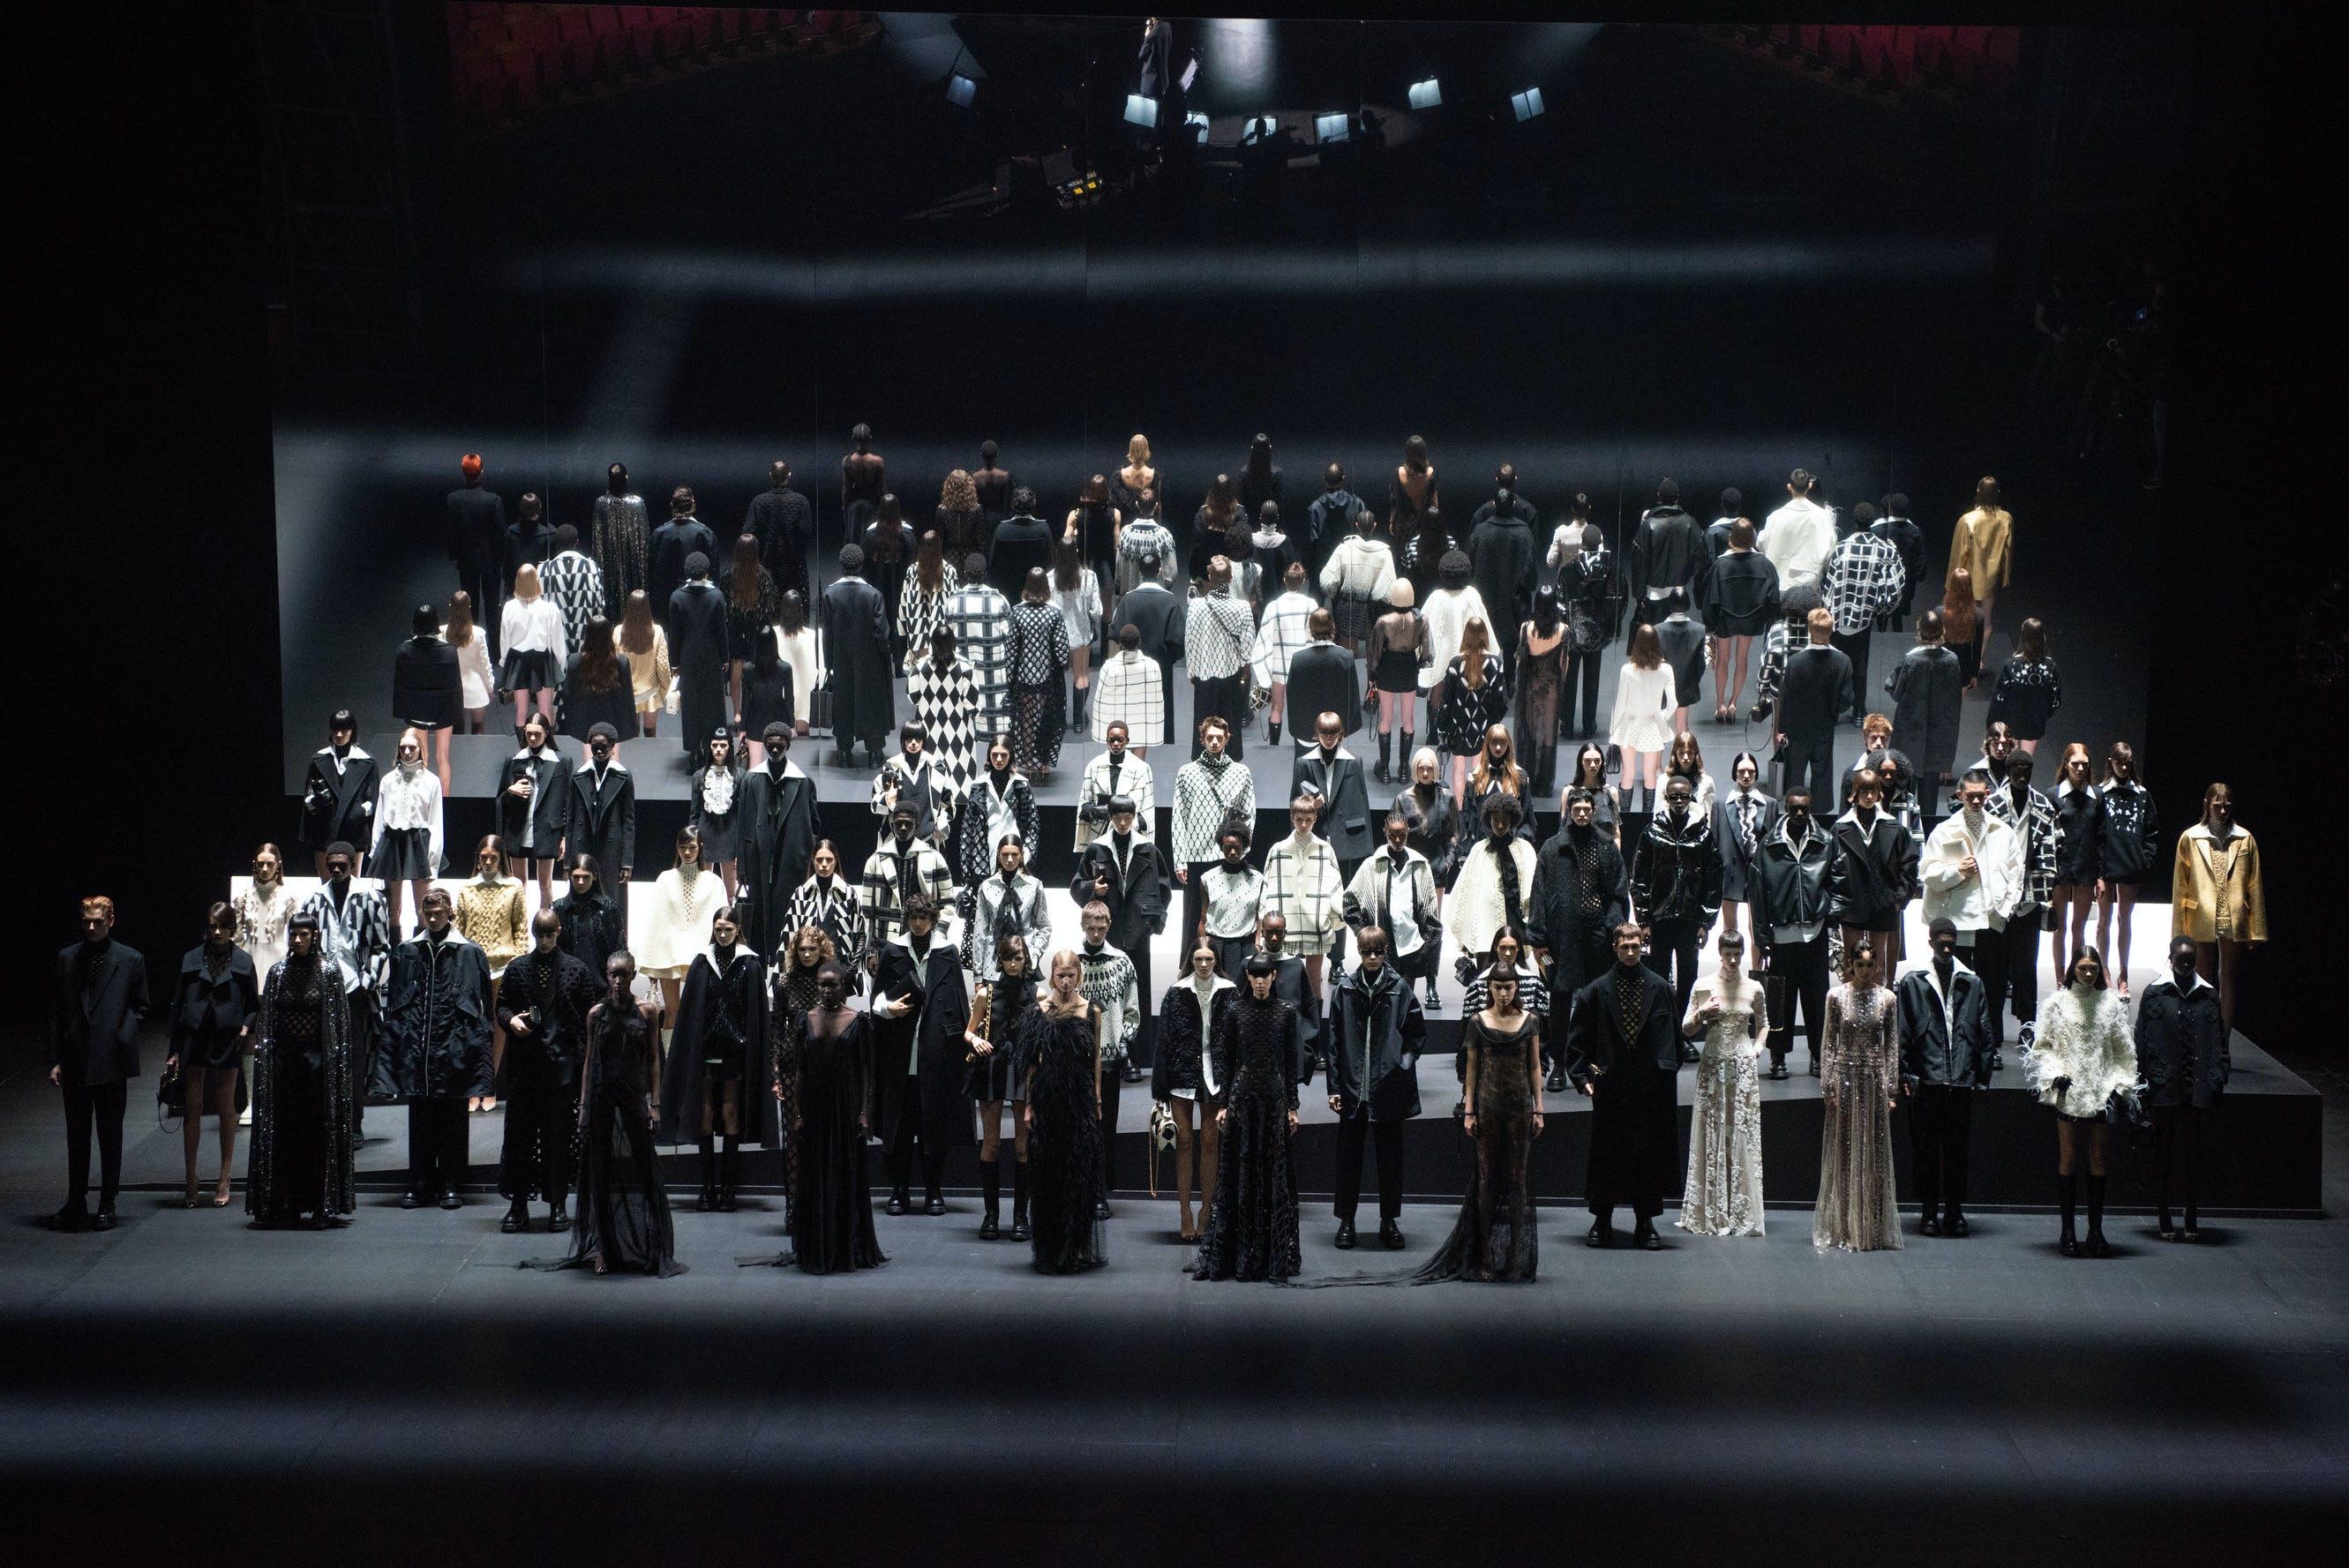 Nella foto il finale della collezione al Piccolo Teatro di Milano. Valentino diventa fur-free e concluderà l'era di REDValentino nel 2023